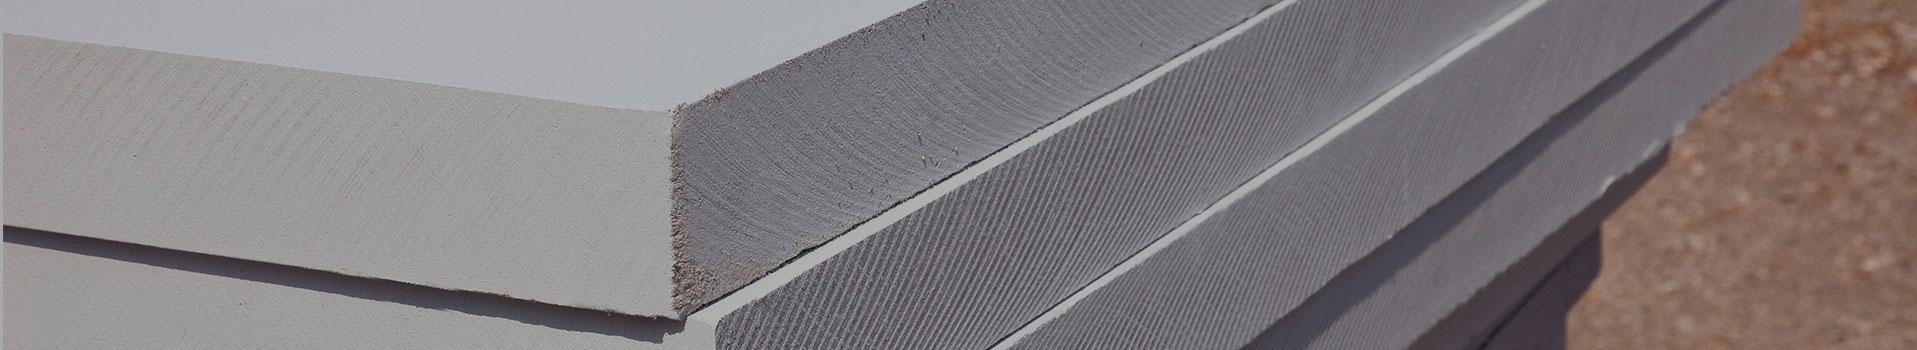 kalziumsilikatplatten nachteile innend mmung gegen schimmel. Black Bedroom Furniture Sets. Home Design Ideas